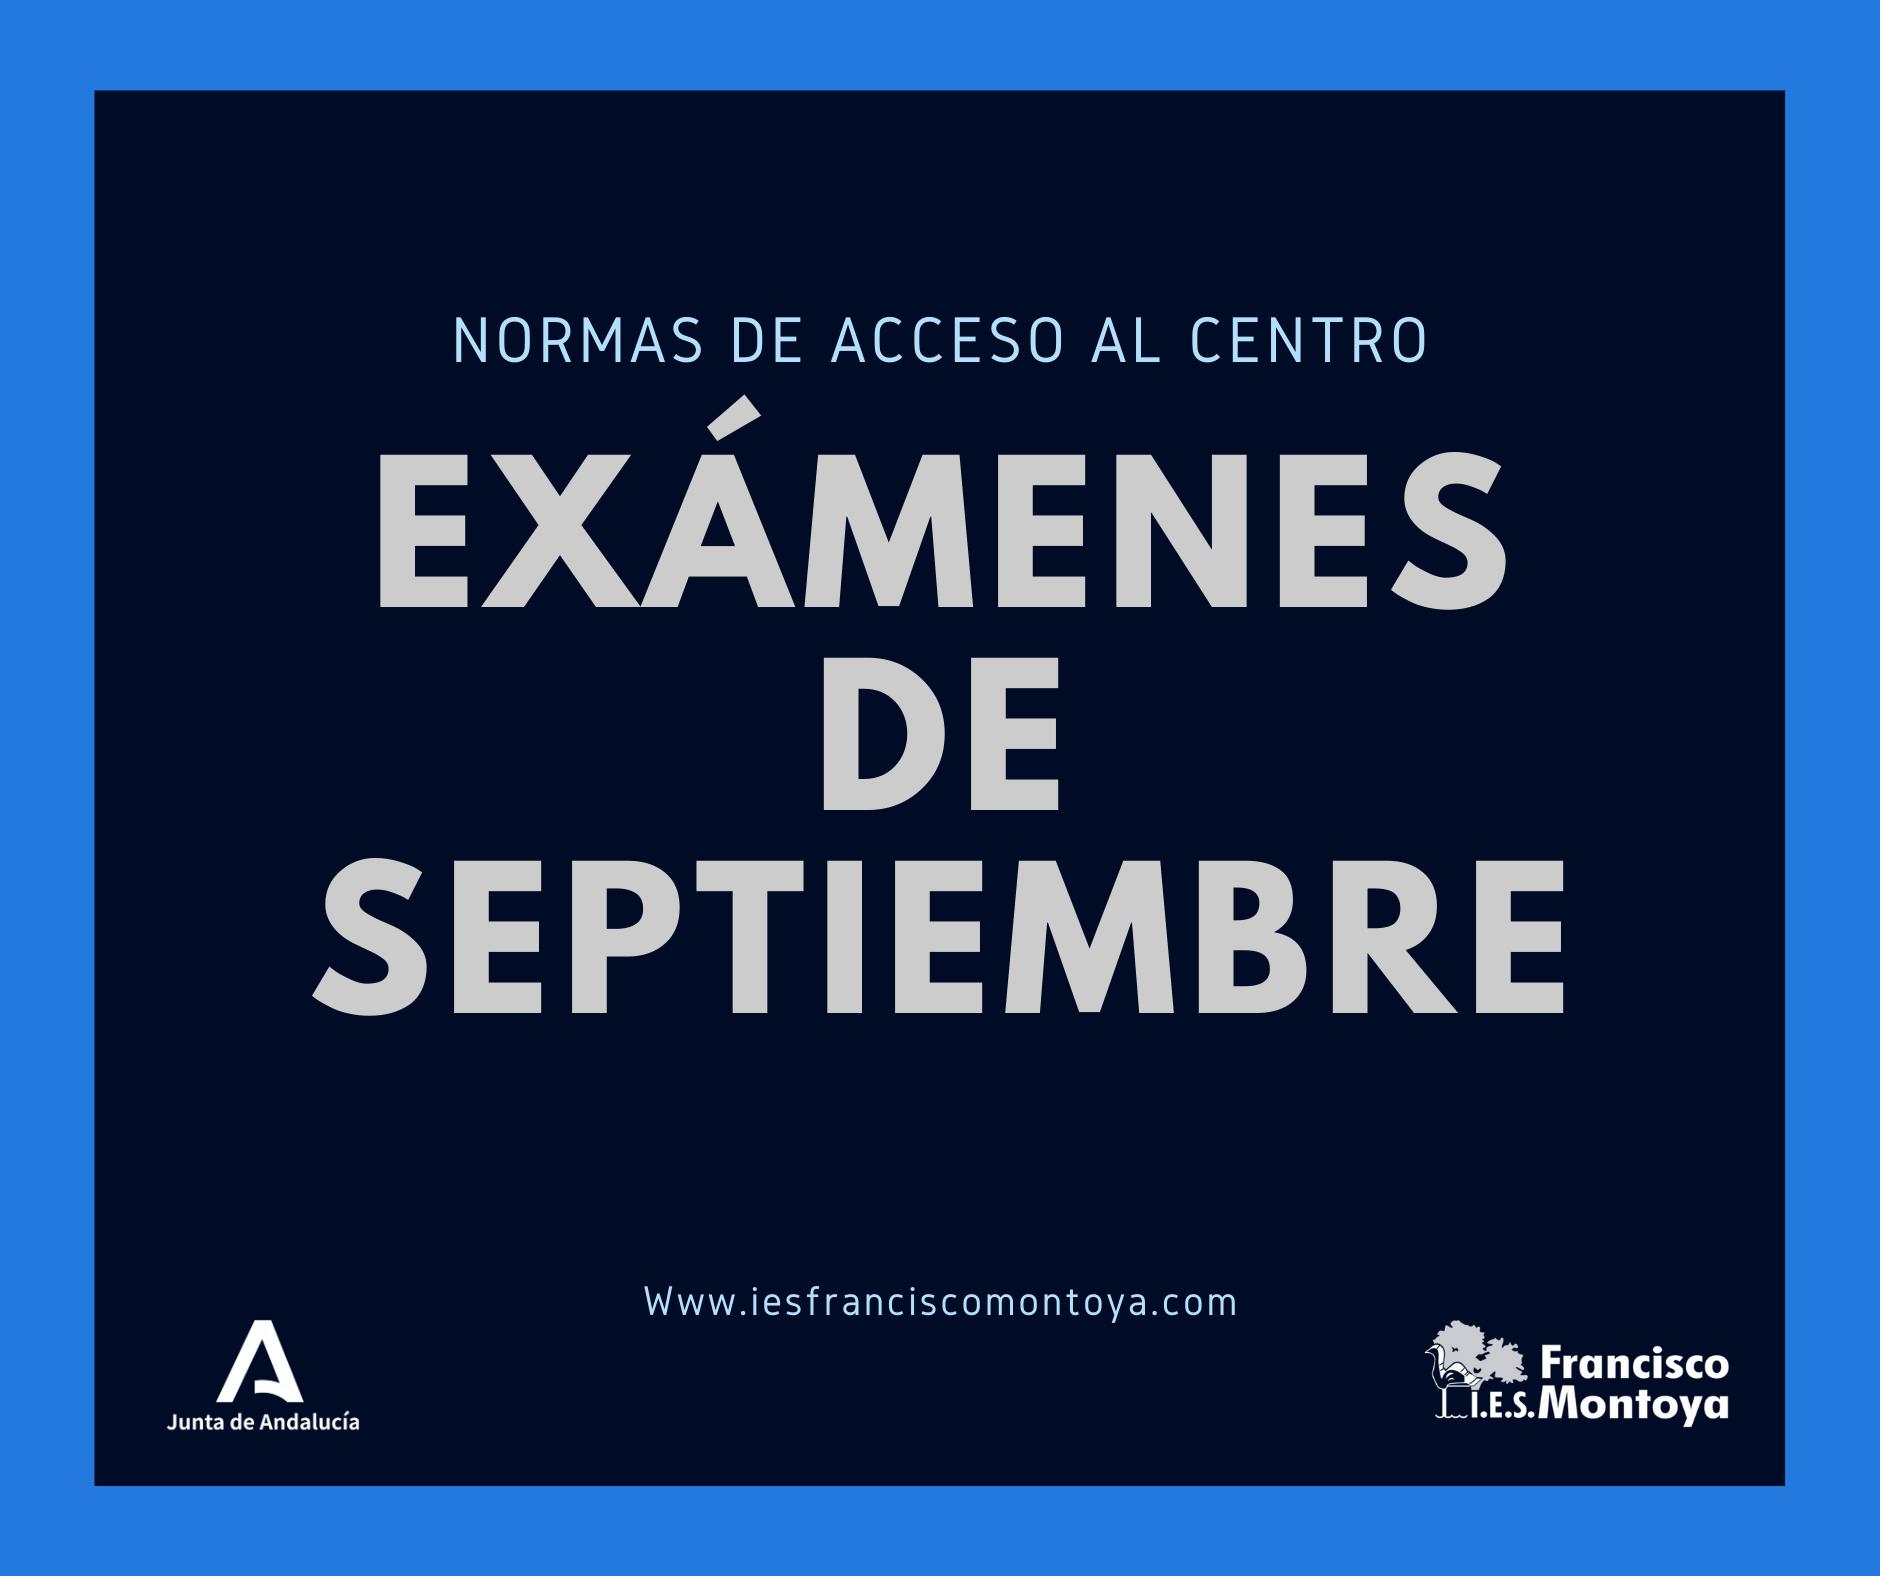 Normas de acceso al centro para los exámenes de septiembre